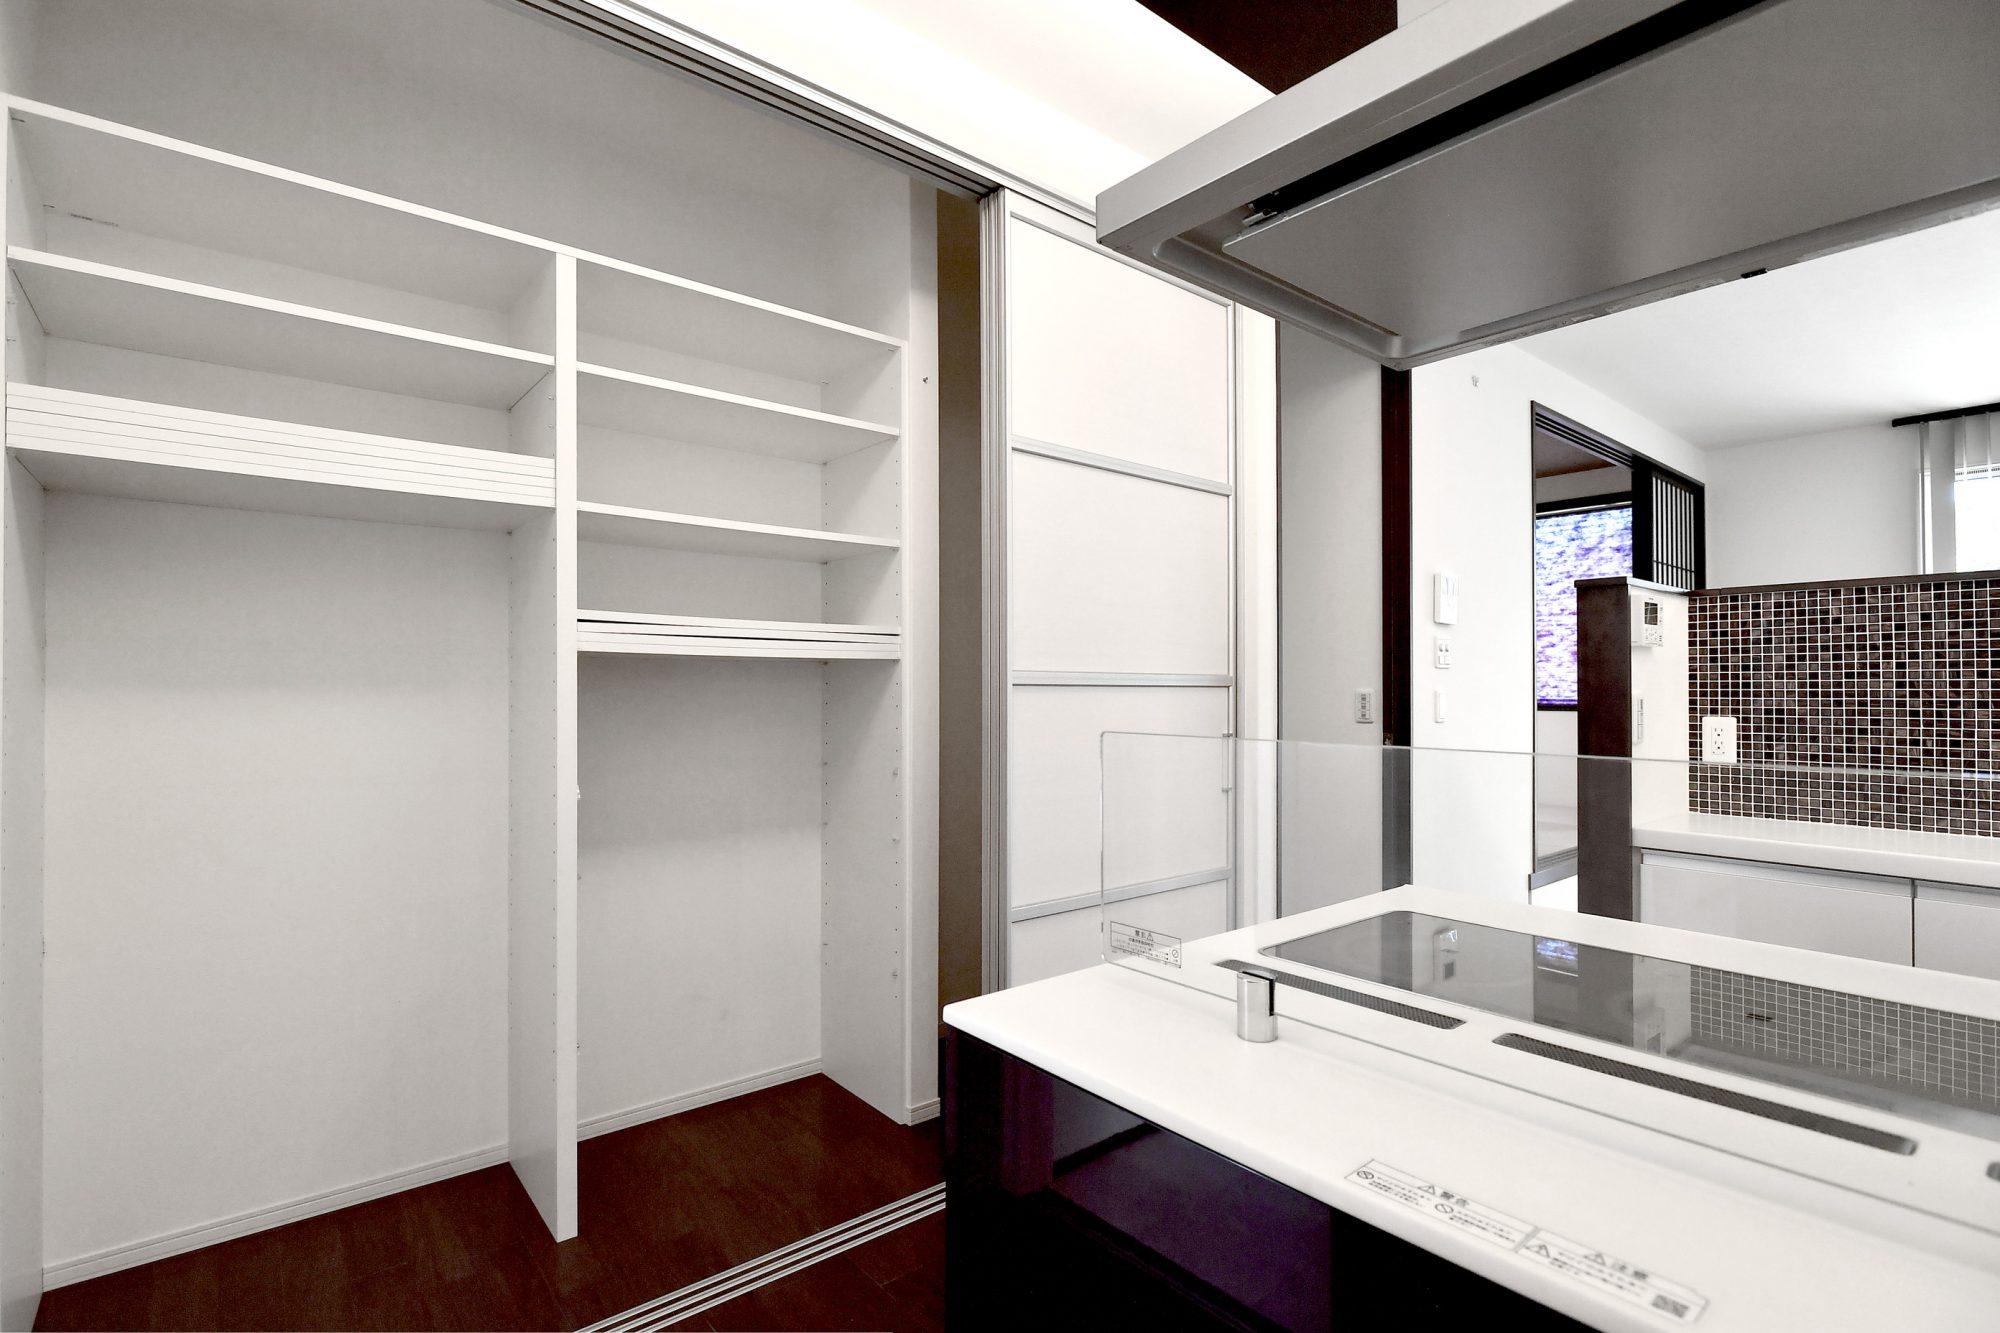 キッチン横には食器棚の他、冷蔵庫やストック食材などを収納可能な収納が配置されています。